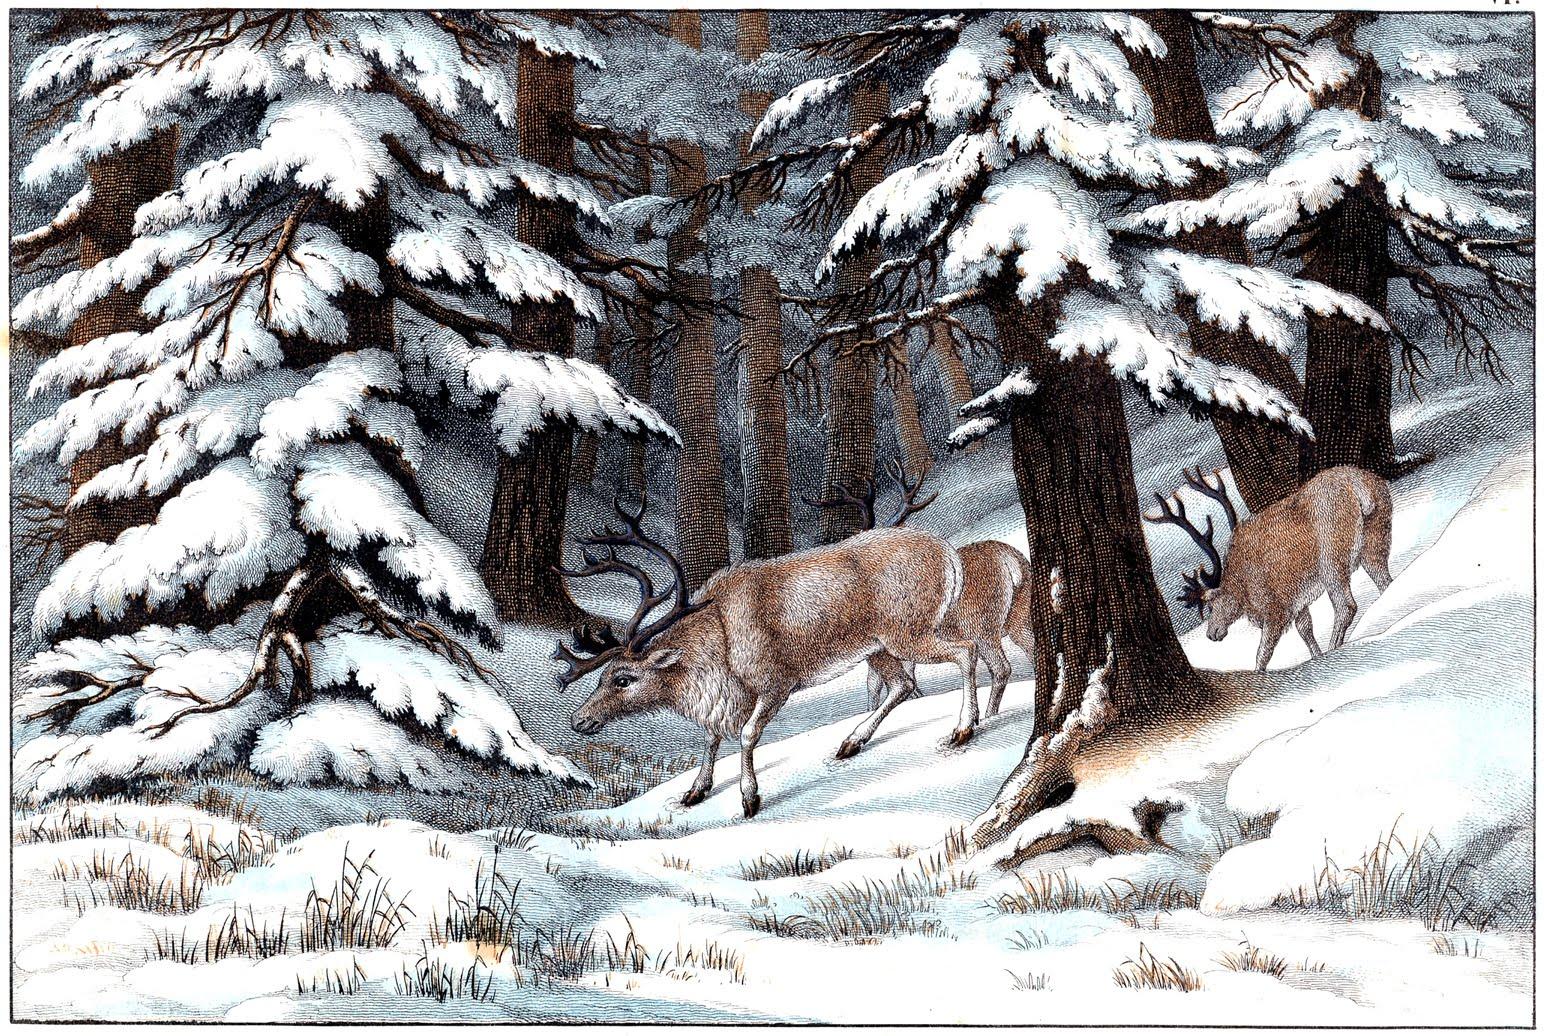 REINSDYR I SNØLANDSKAP: Dette flotte motivet er hentet fra en naturhistorisk bok fra 1860-tallet. Bedre vinterstemning får man ikke!